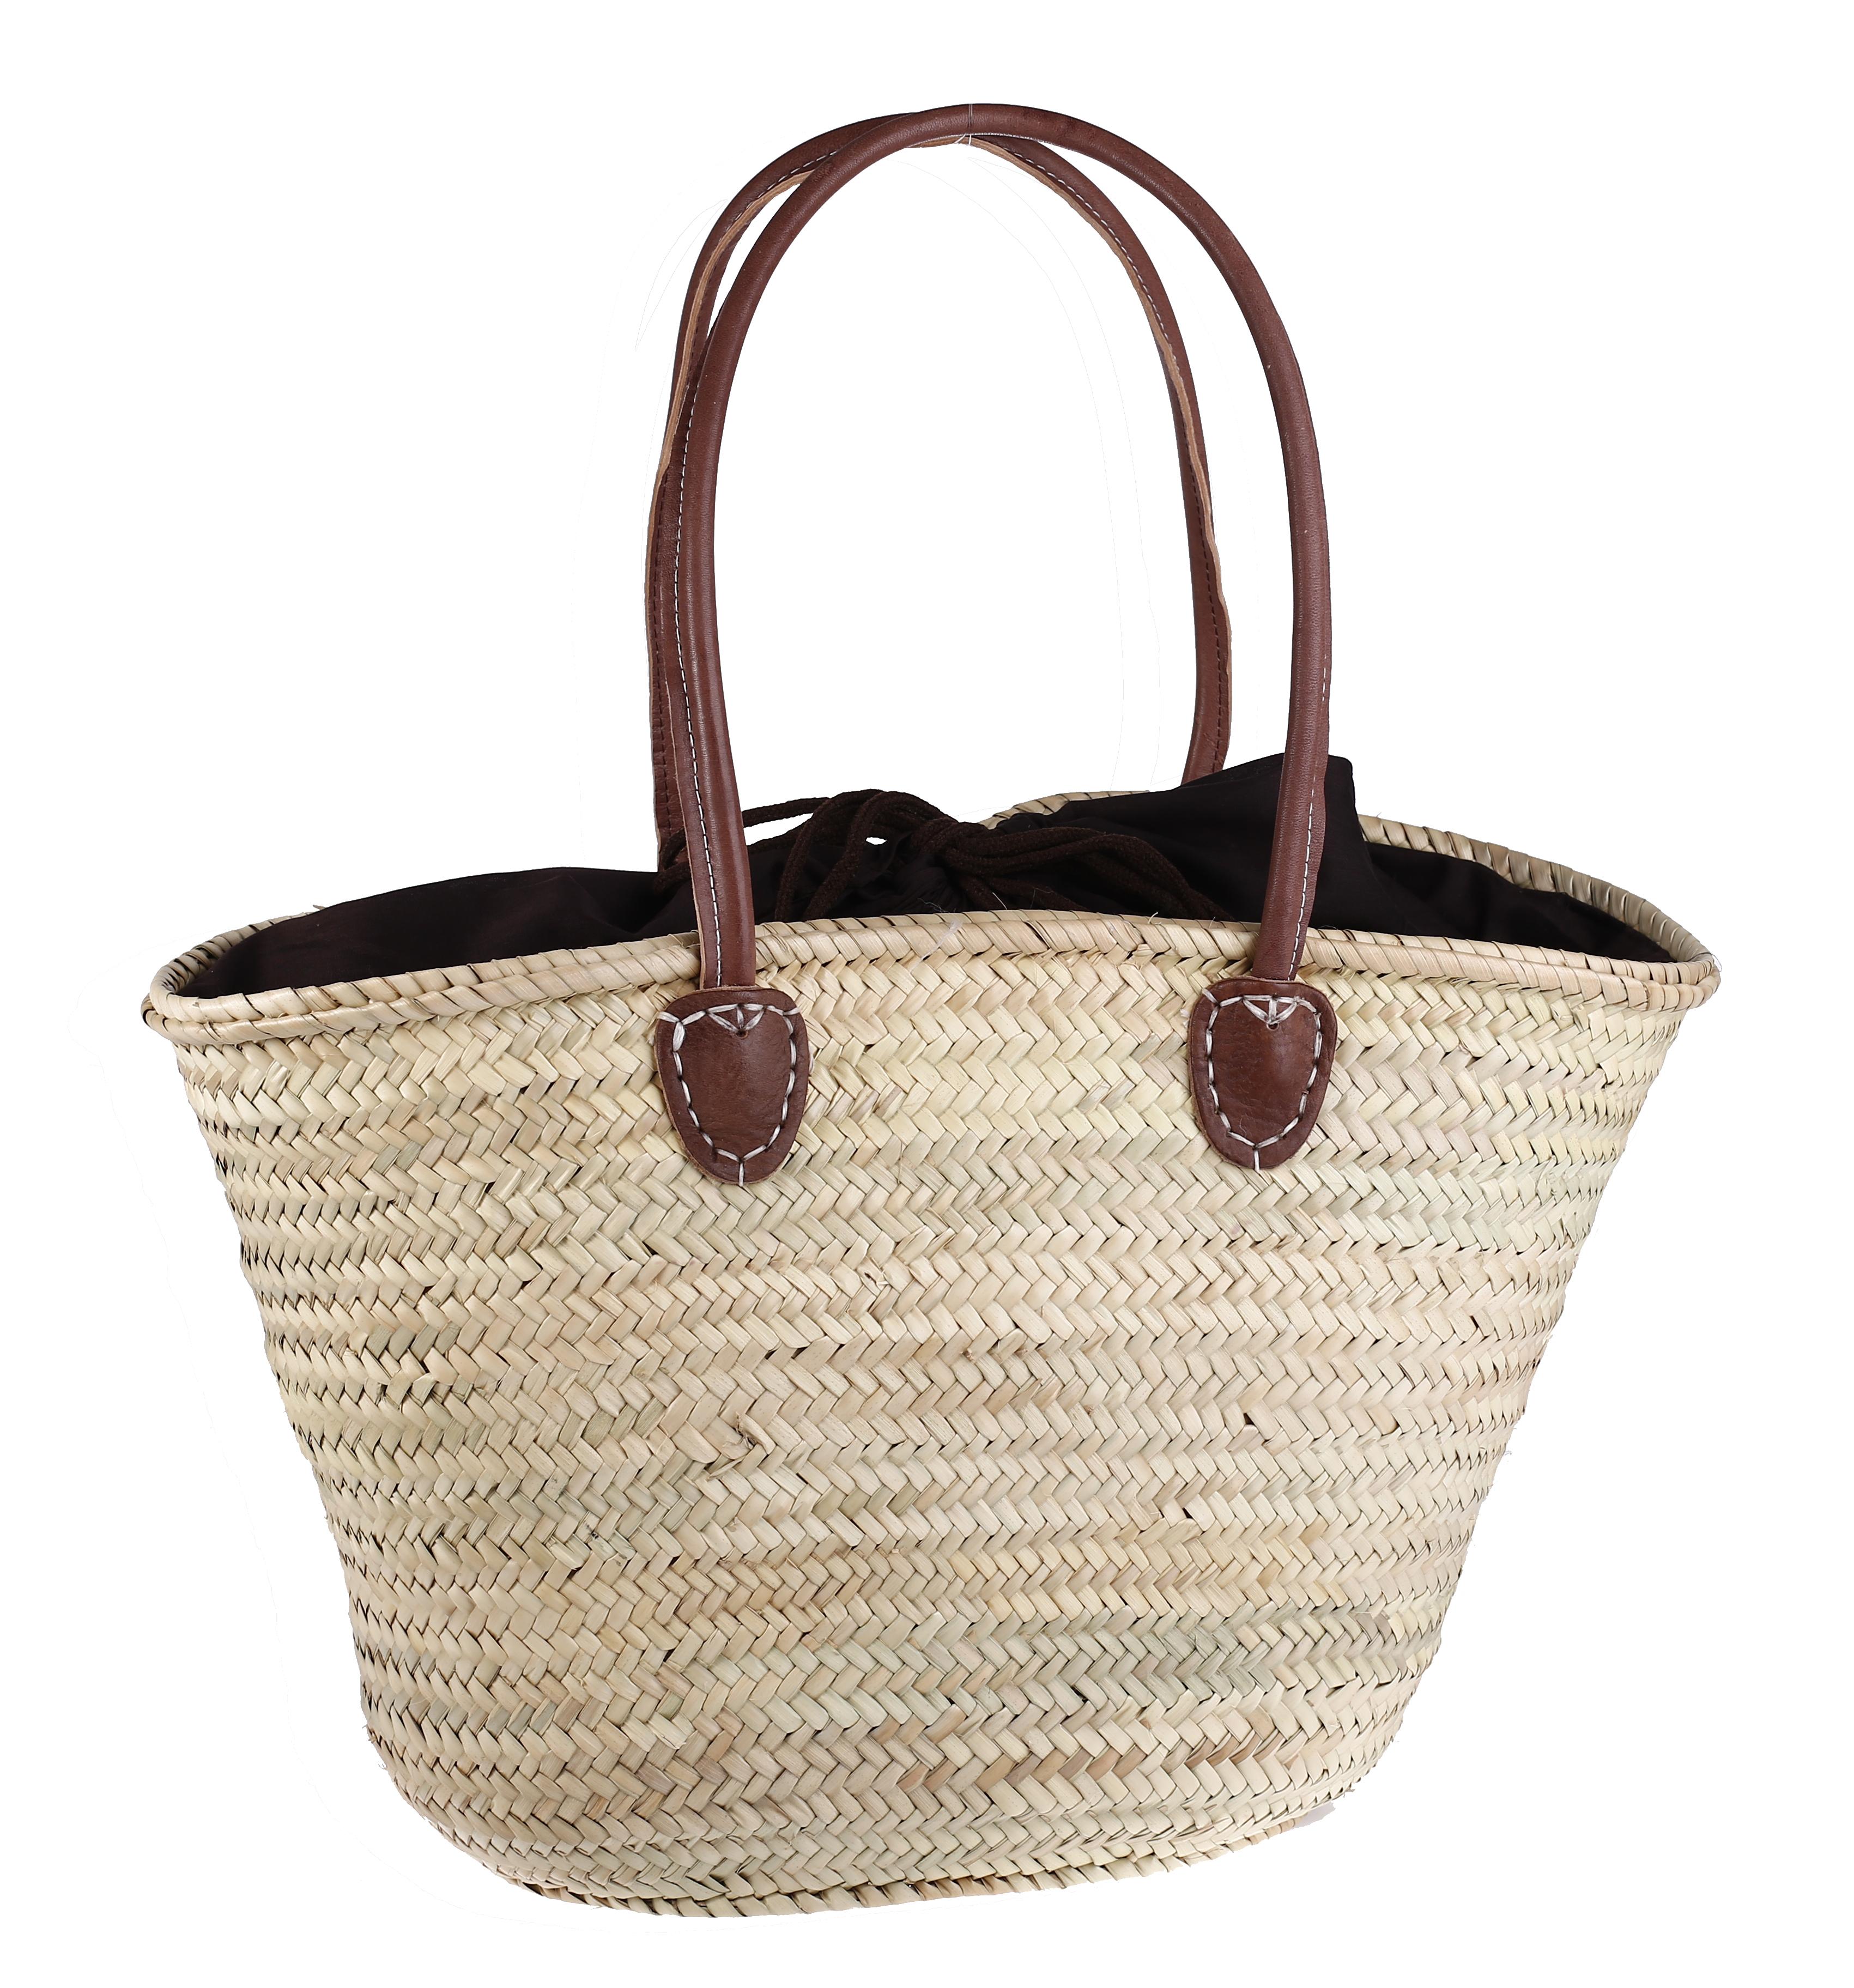 15c2360e2 Košík z palmovej slamy 087235 prírodný | Kbas